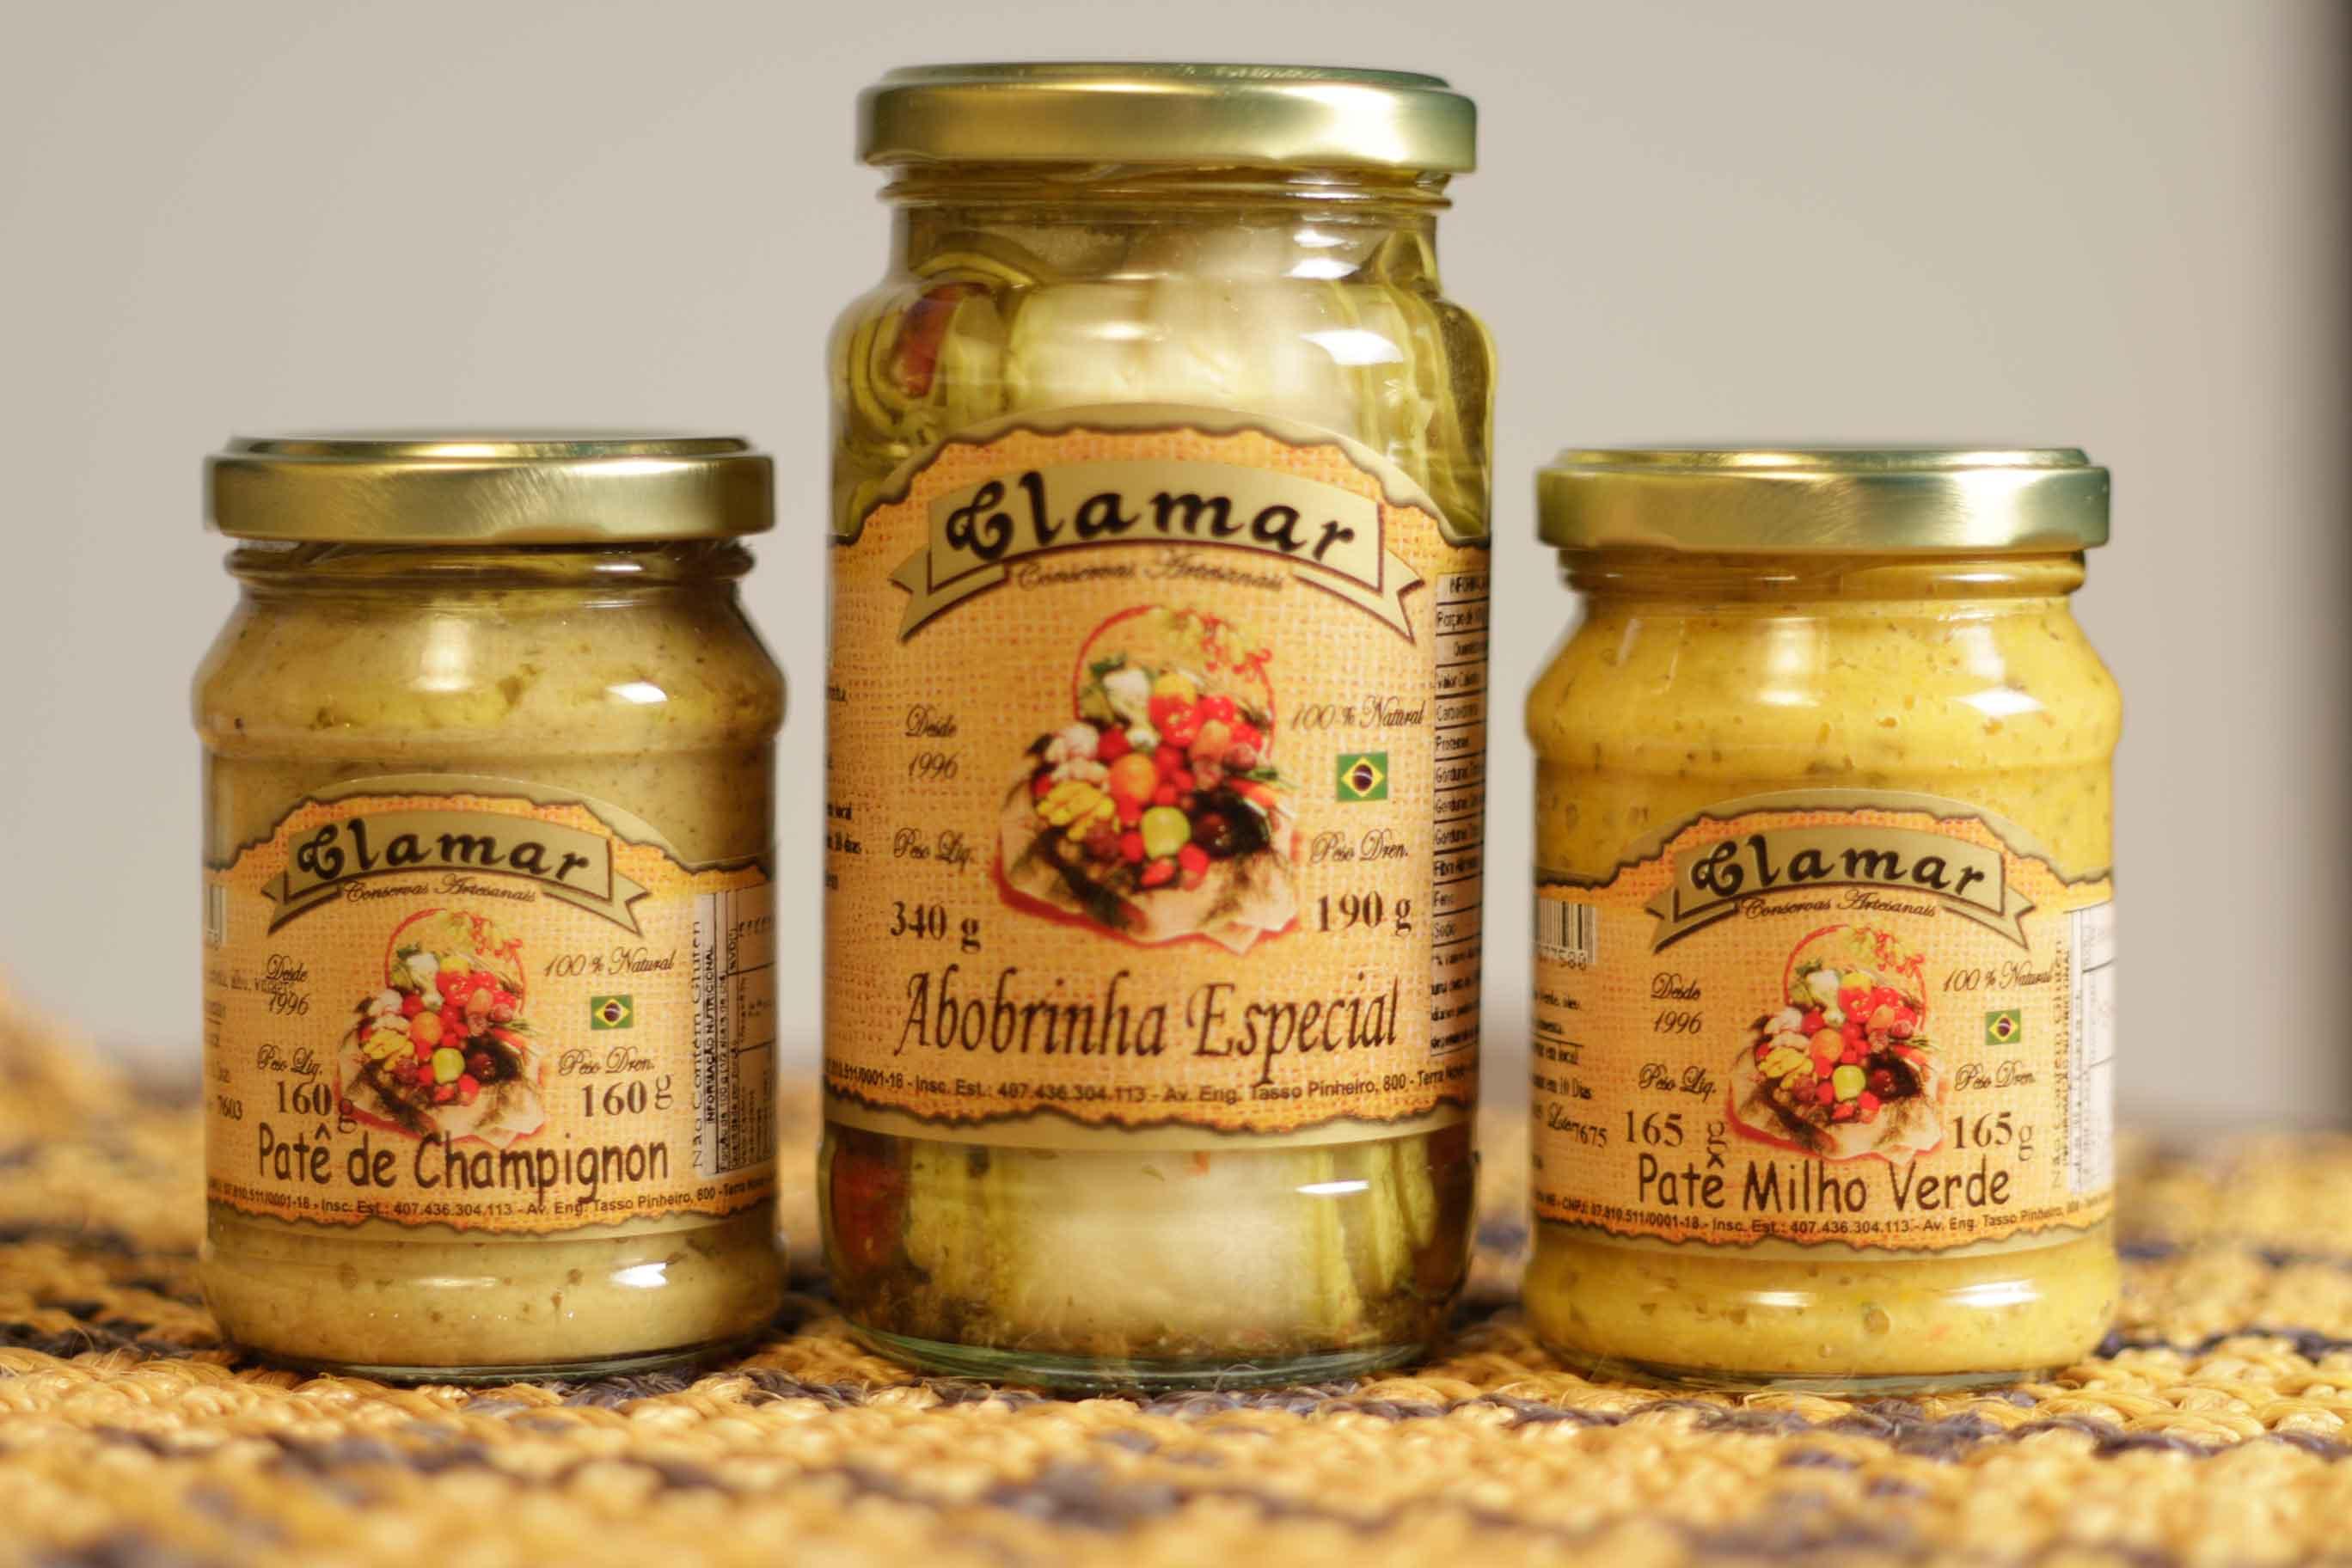 jundiai-gastronomia-aromas-e-sabores-clamar-_MG_3200-bx